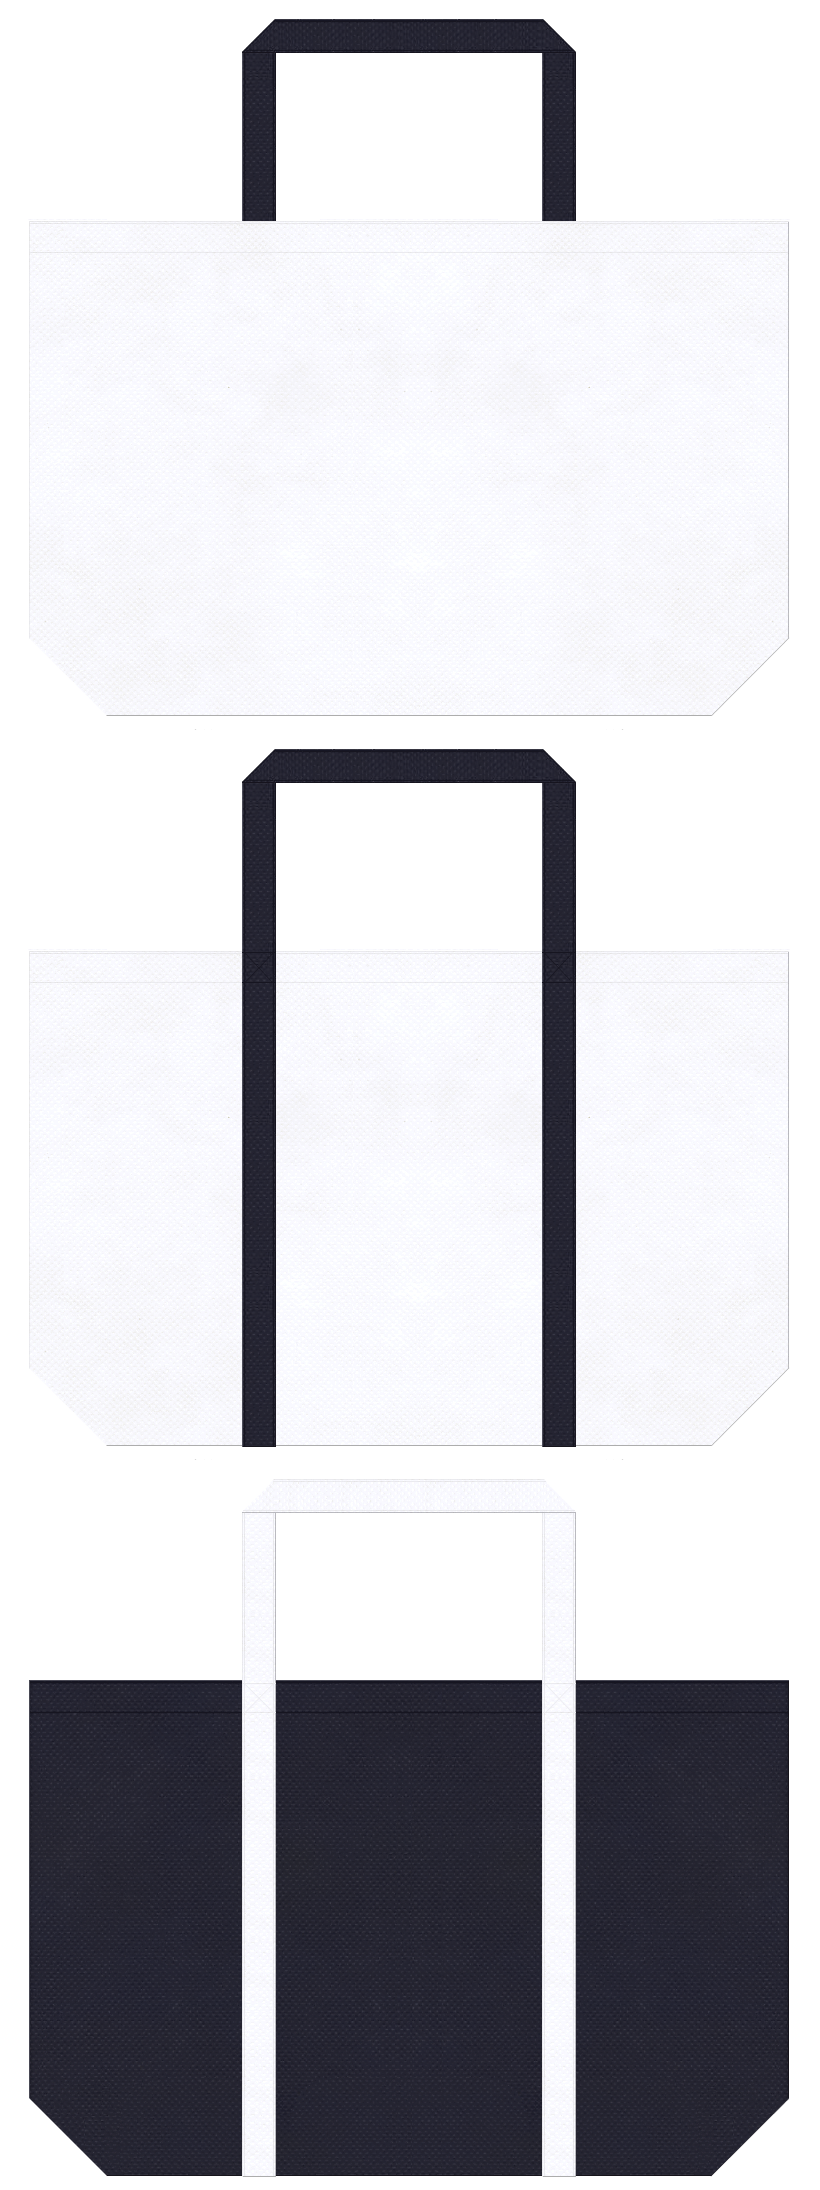 白色と濃紺色の不織布バッグデザイン:マリンファッション・ビーチグッズのショッピングバッグにお奨めです。